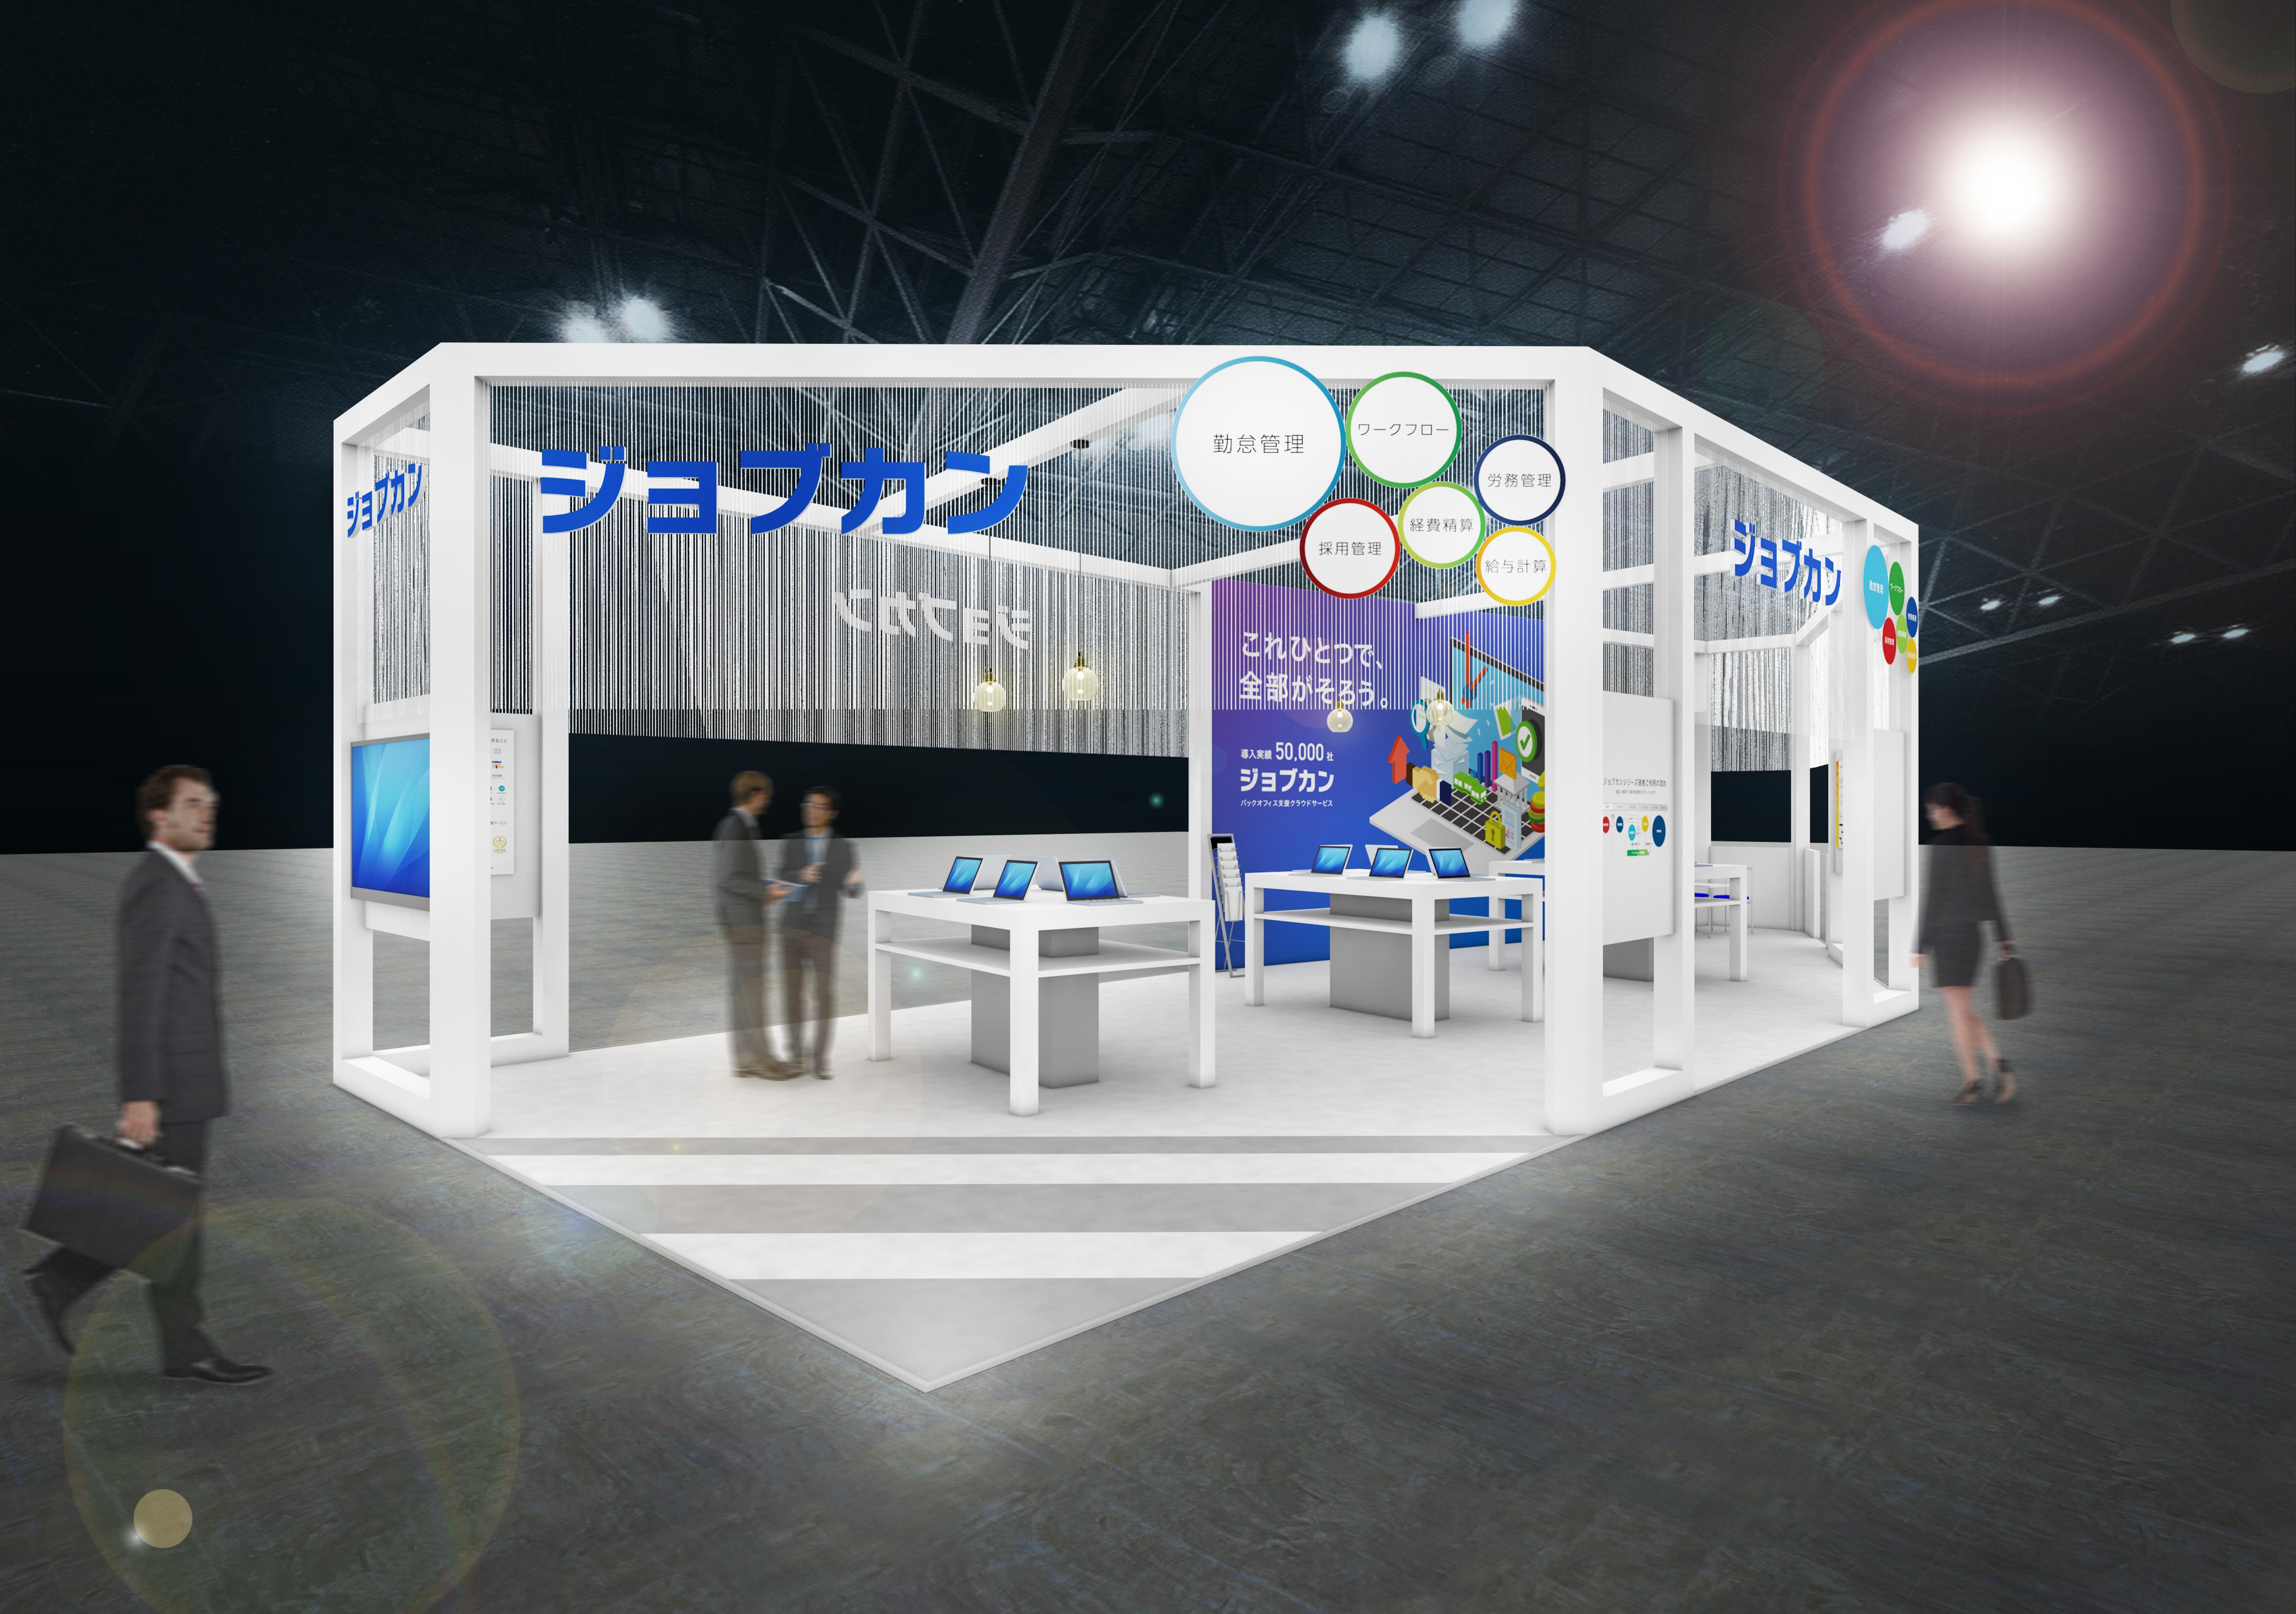 ジョブカンが第7回 HR EXPO (人事労務・教育・採用)にブース出展 。ジョブカン勤怠管理など働き方改革を支援する全6サービスを展示(5月29日(水)~31日(金)in 東京ビッグサイト)